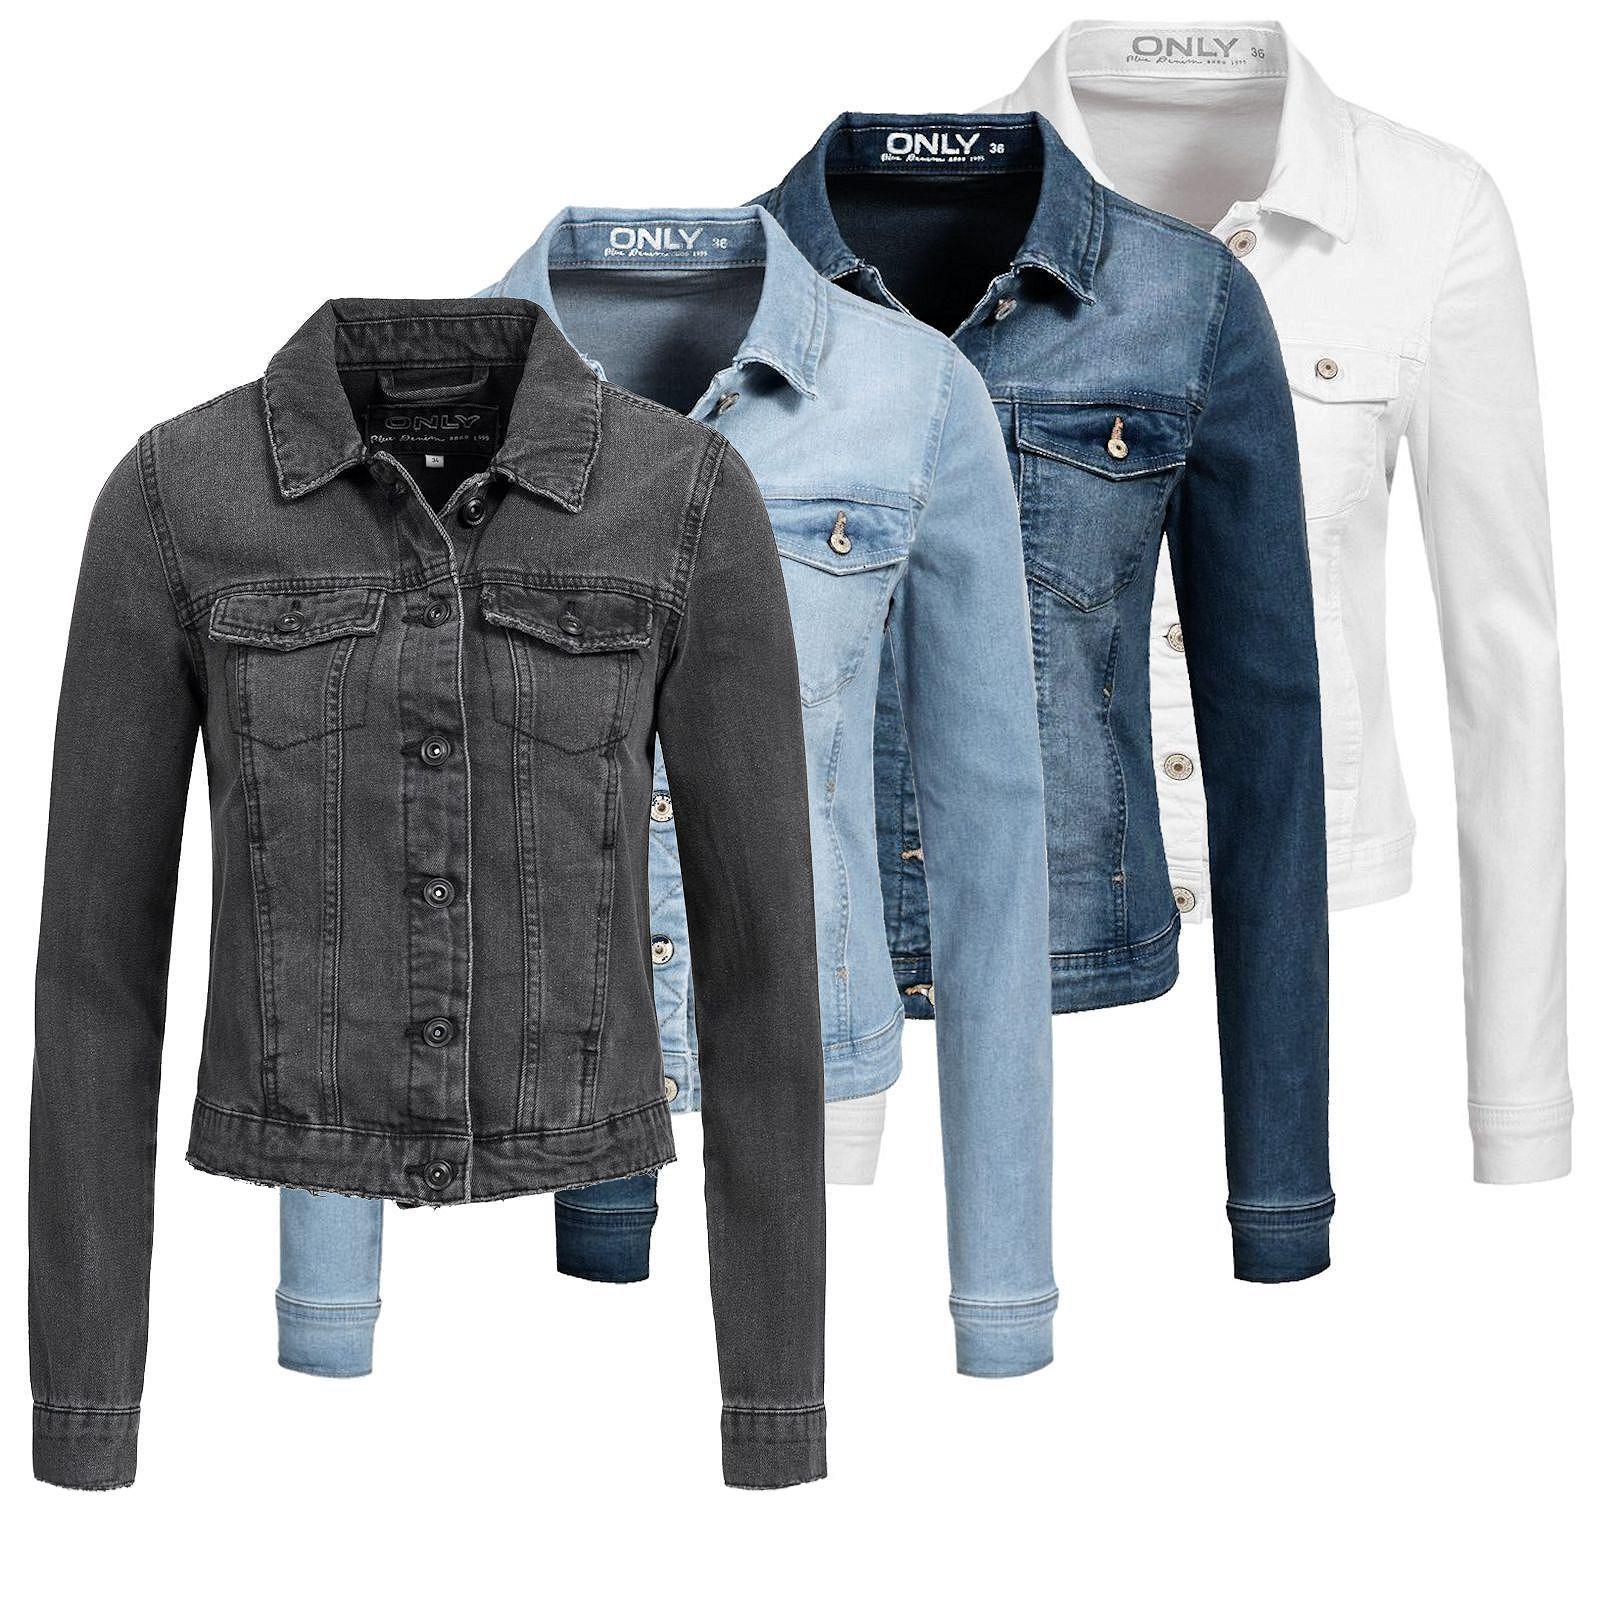 Einkaufen Spitzenstil toller Wert Details zu Only Damen Jeans Jacke New Westa Kurz Frühling Übergangs Jacket  denim Basic